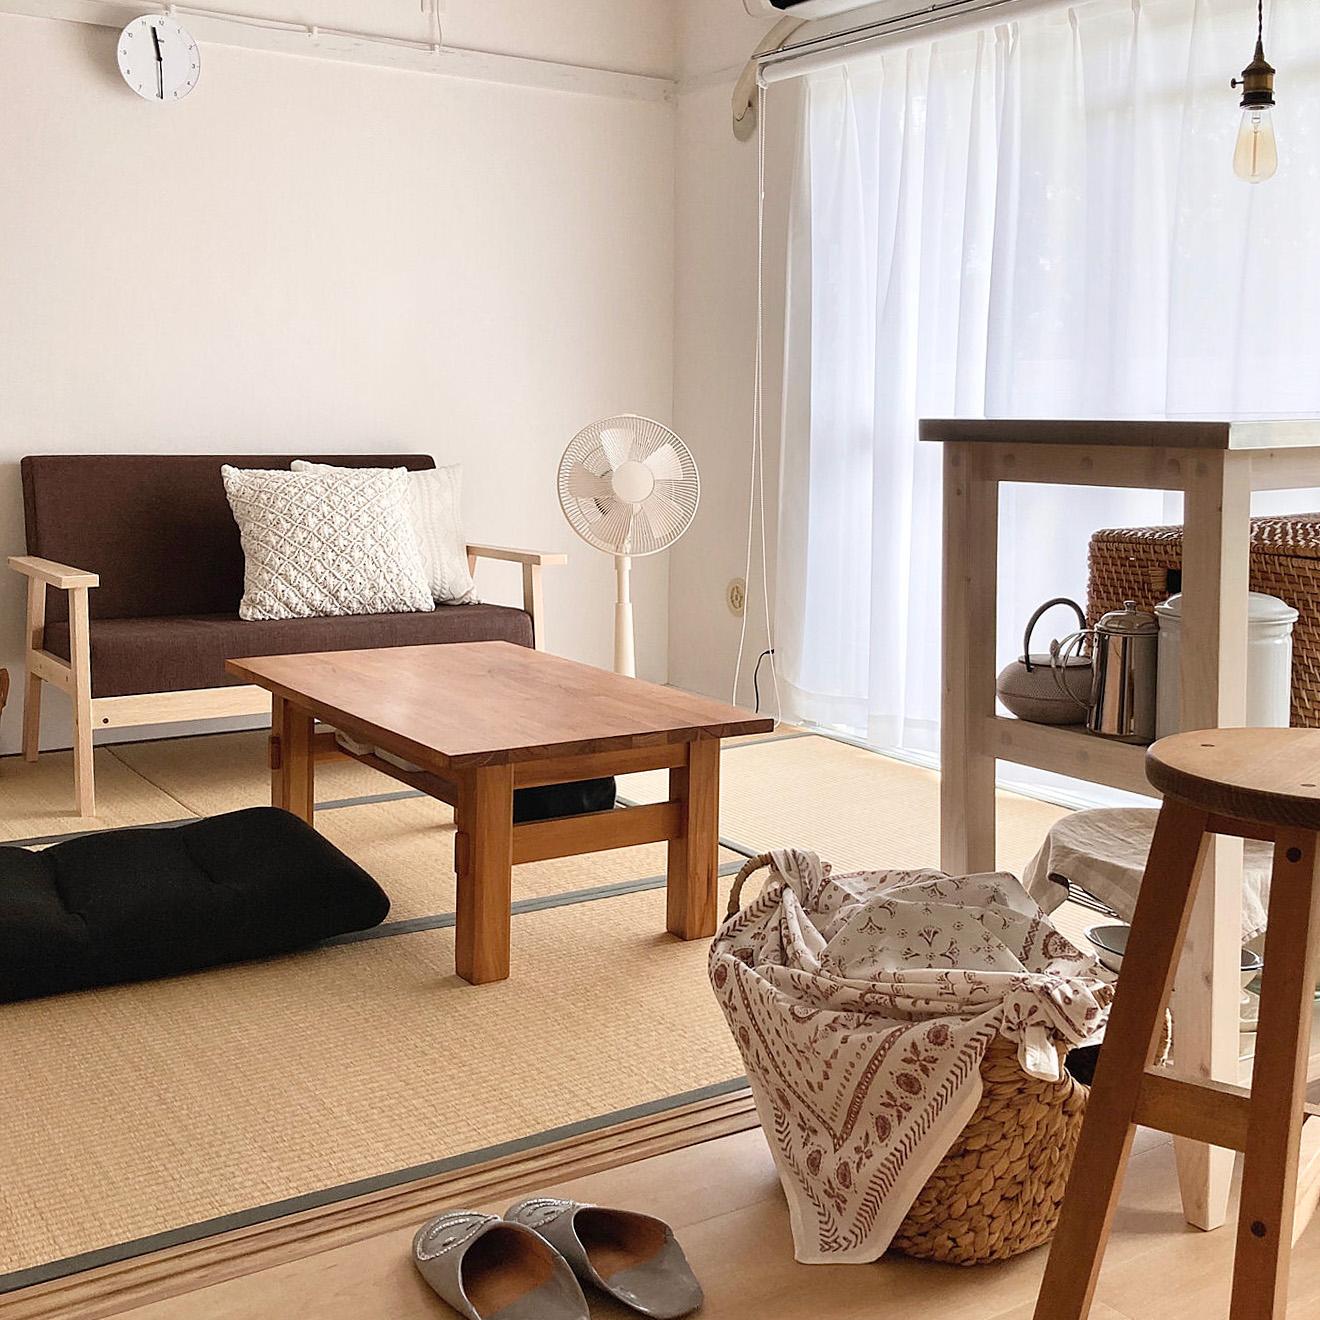 2DKは団地など少し昔の物件に多くみられるため、居室スペースが和室であることも多くあります。maatonaさんはこのようにローテーブルに北欧風のソファ、座椅子を合わせて、のんびりくつろげる空間に。畳にも合うおしゃれなインテリアをセレクトし、「和モダンインテリア」を実現しました。